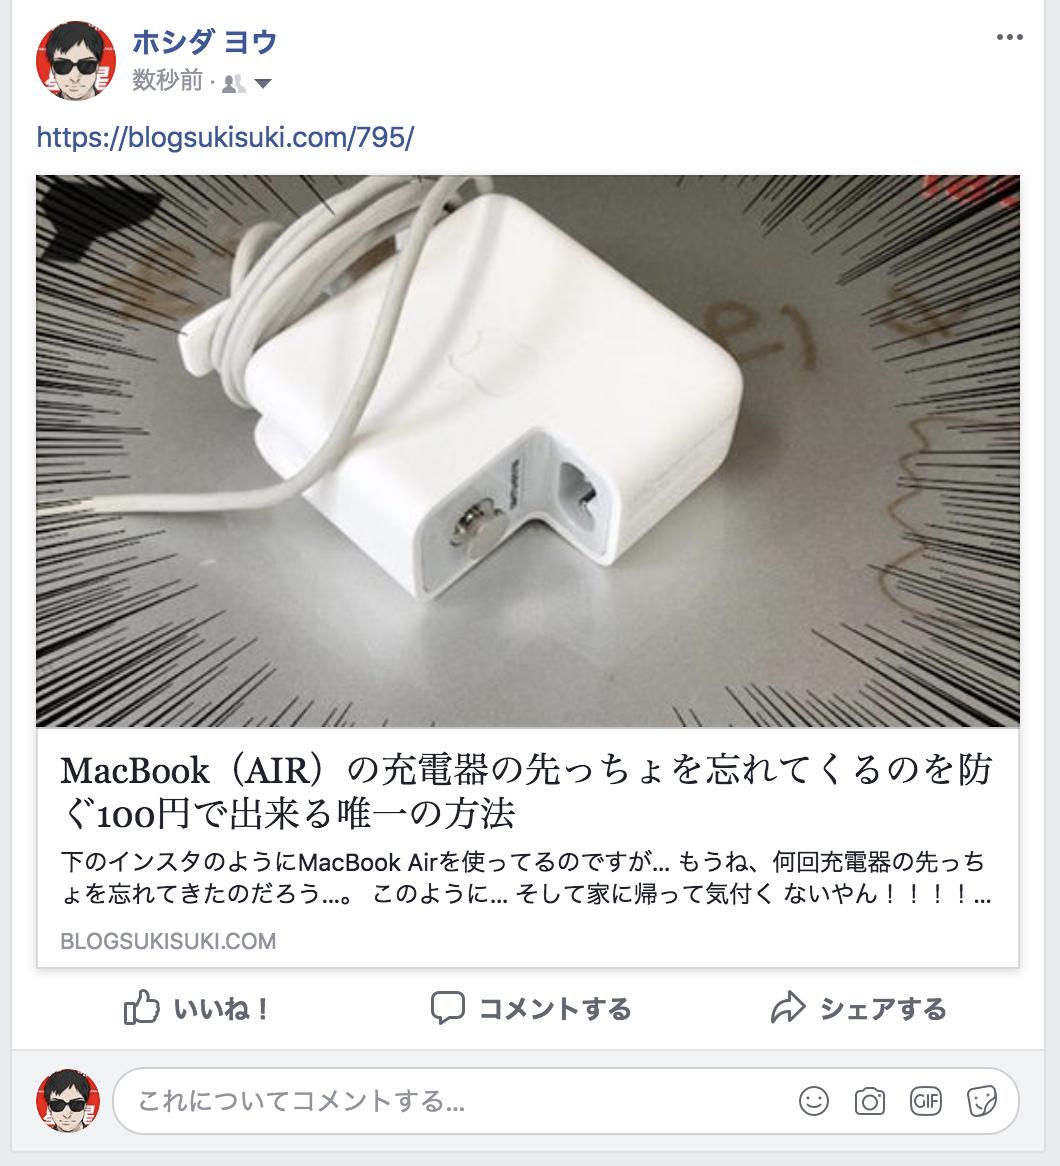 アイキャッチにGIF画像を使ったらどうなるのか?ブログ・Facebook・Twitterで検証してみた。